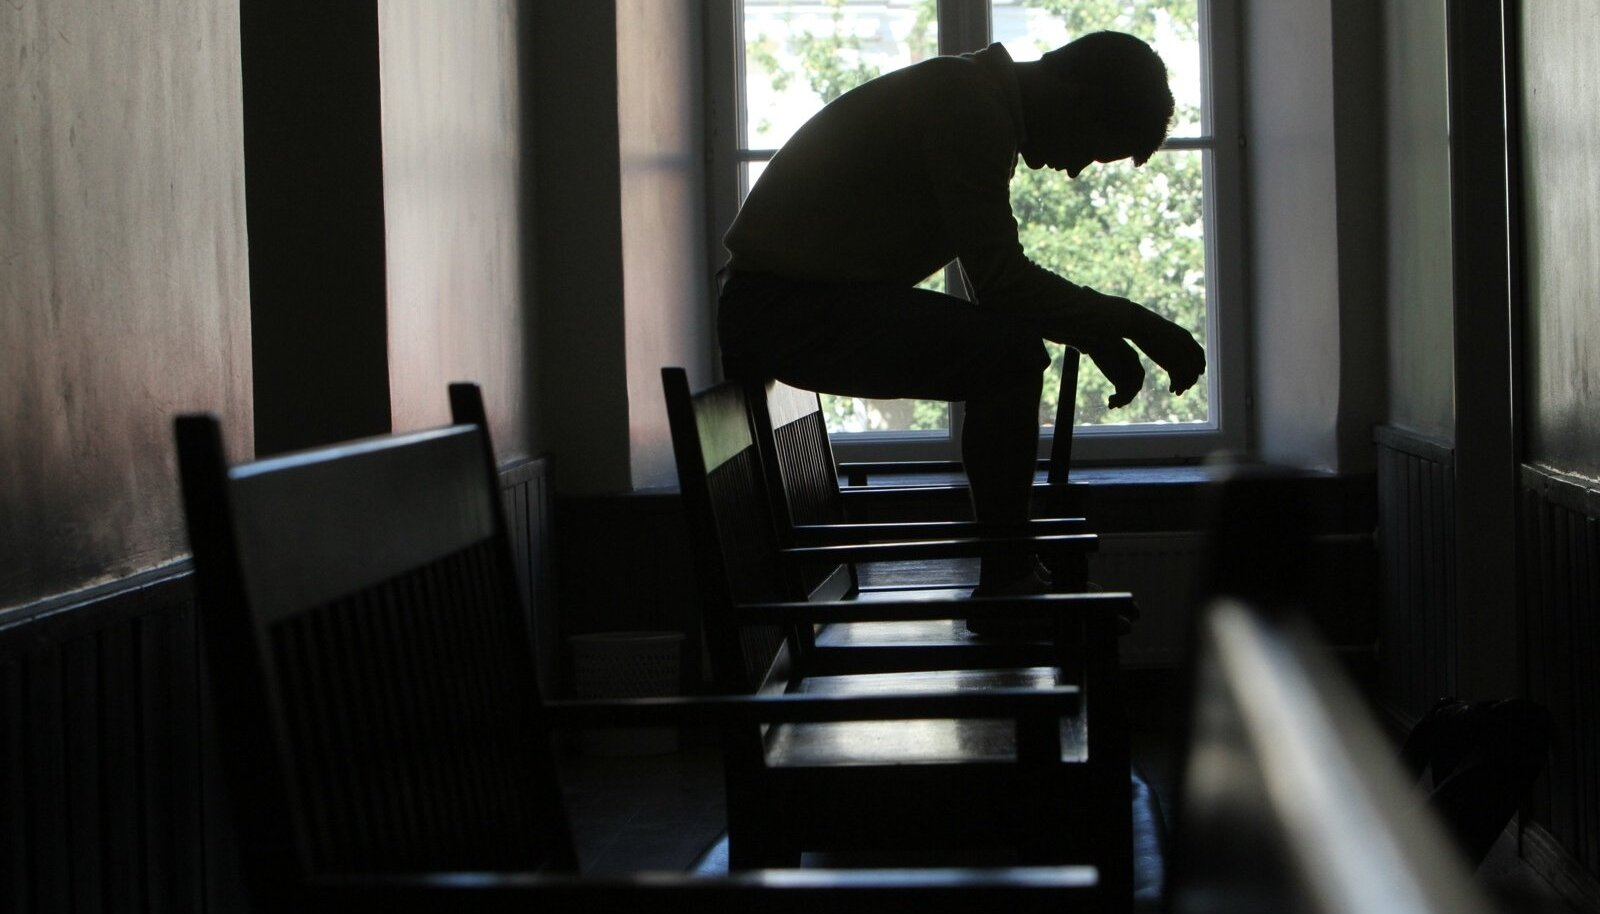 Kiusamine võib viia igasuguse motivatsiooni kooliteed jätkata. Pilt on antud loole illustreeriv.